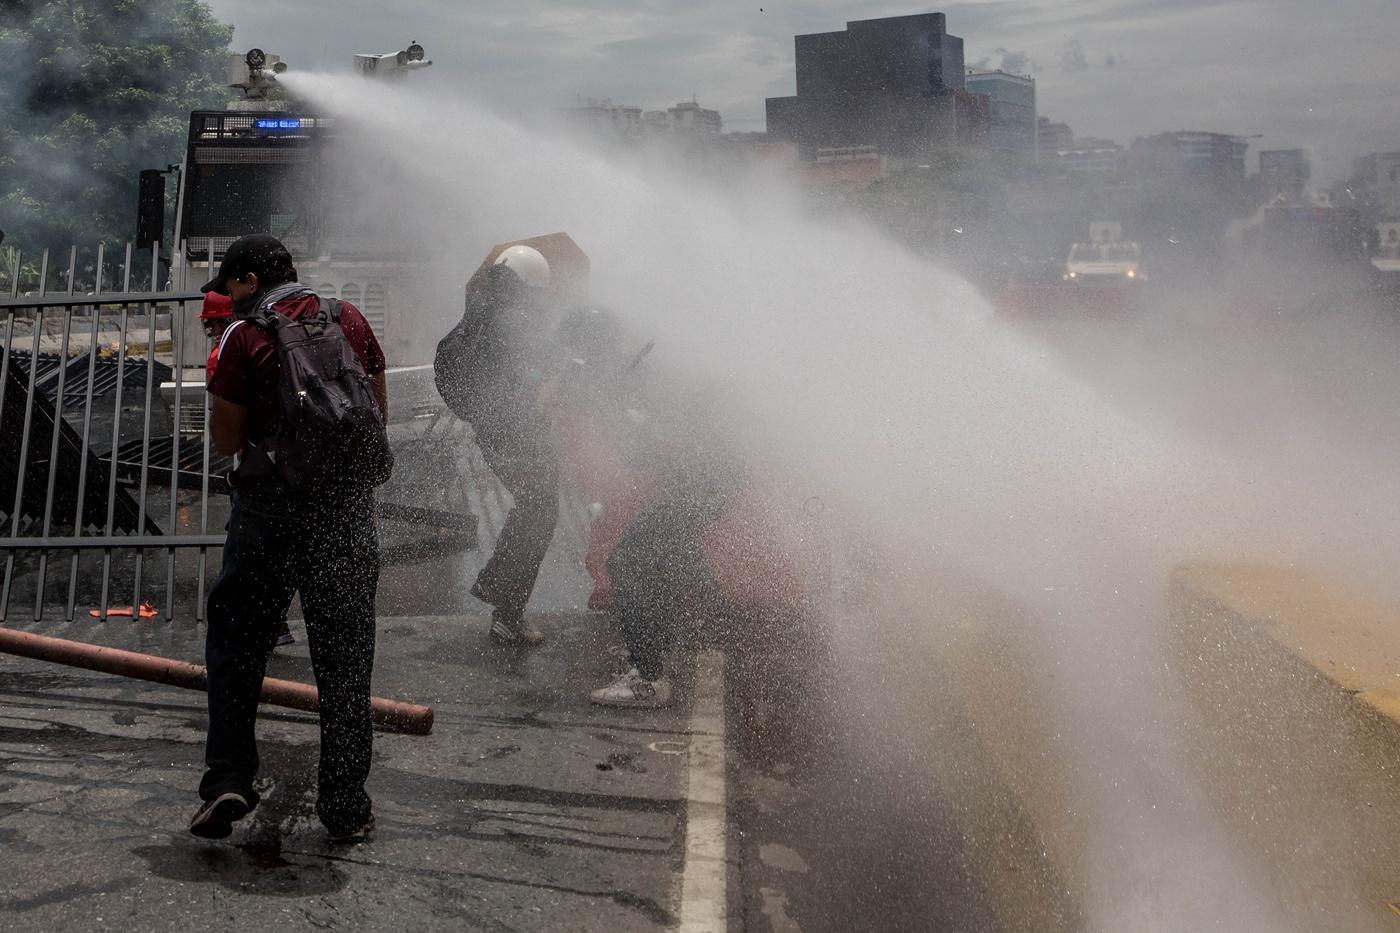 CAR023. CARACAS (VENEZUELA), 03/05/2017 - Miembros de la Guardia Bolivariana lanzan un chorro de agua a presión a un grupo de manifestantes hoy, miércoles 3 de mayo de 2017, en Caracas (Venezuela). La Guardia Nacional Bolivariana (GNB, policía militarizada) de Venezuela dispersó hoy con gases lacrimógenos una movilización opositora en el este de Caracas que pretendía llegar hasta la sede de la Asamblea Nacional (AN, Parlamento), ubicada en el centro de la capital. EFE/MIGUEL GUTIERREZ